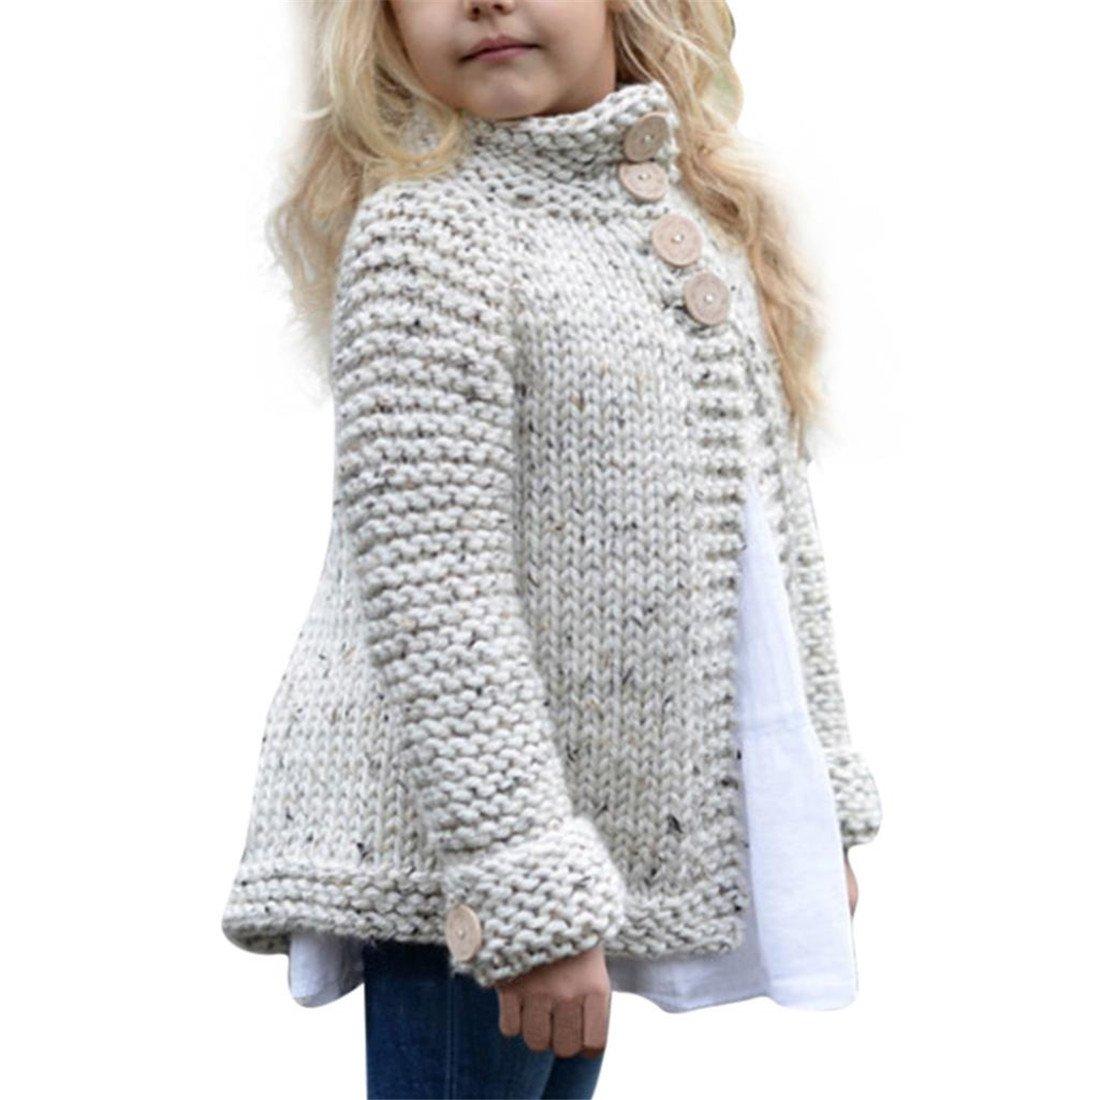 Baby Mädchen Strickjacke Btruely Baby Kleinkind Mädchen Winterjacke Kinderjacken Winter Warm Mantel Jacke Dicke Kleidung Winter Gestrickt Sweatshirt